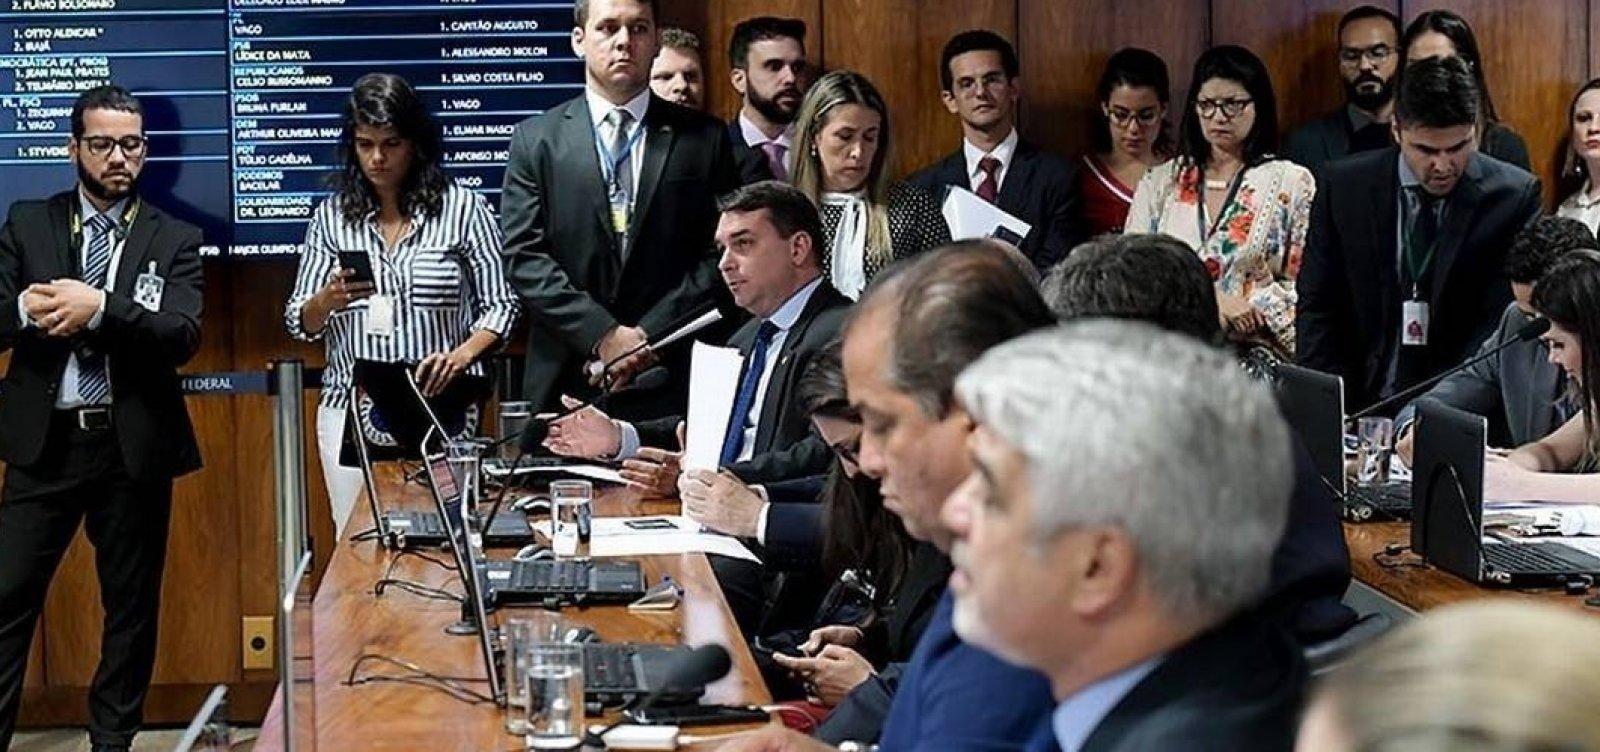 Depoimento de assessores acentua crise no PSL e expõe filhos de Bolsonaro